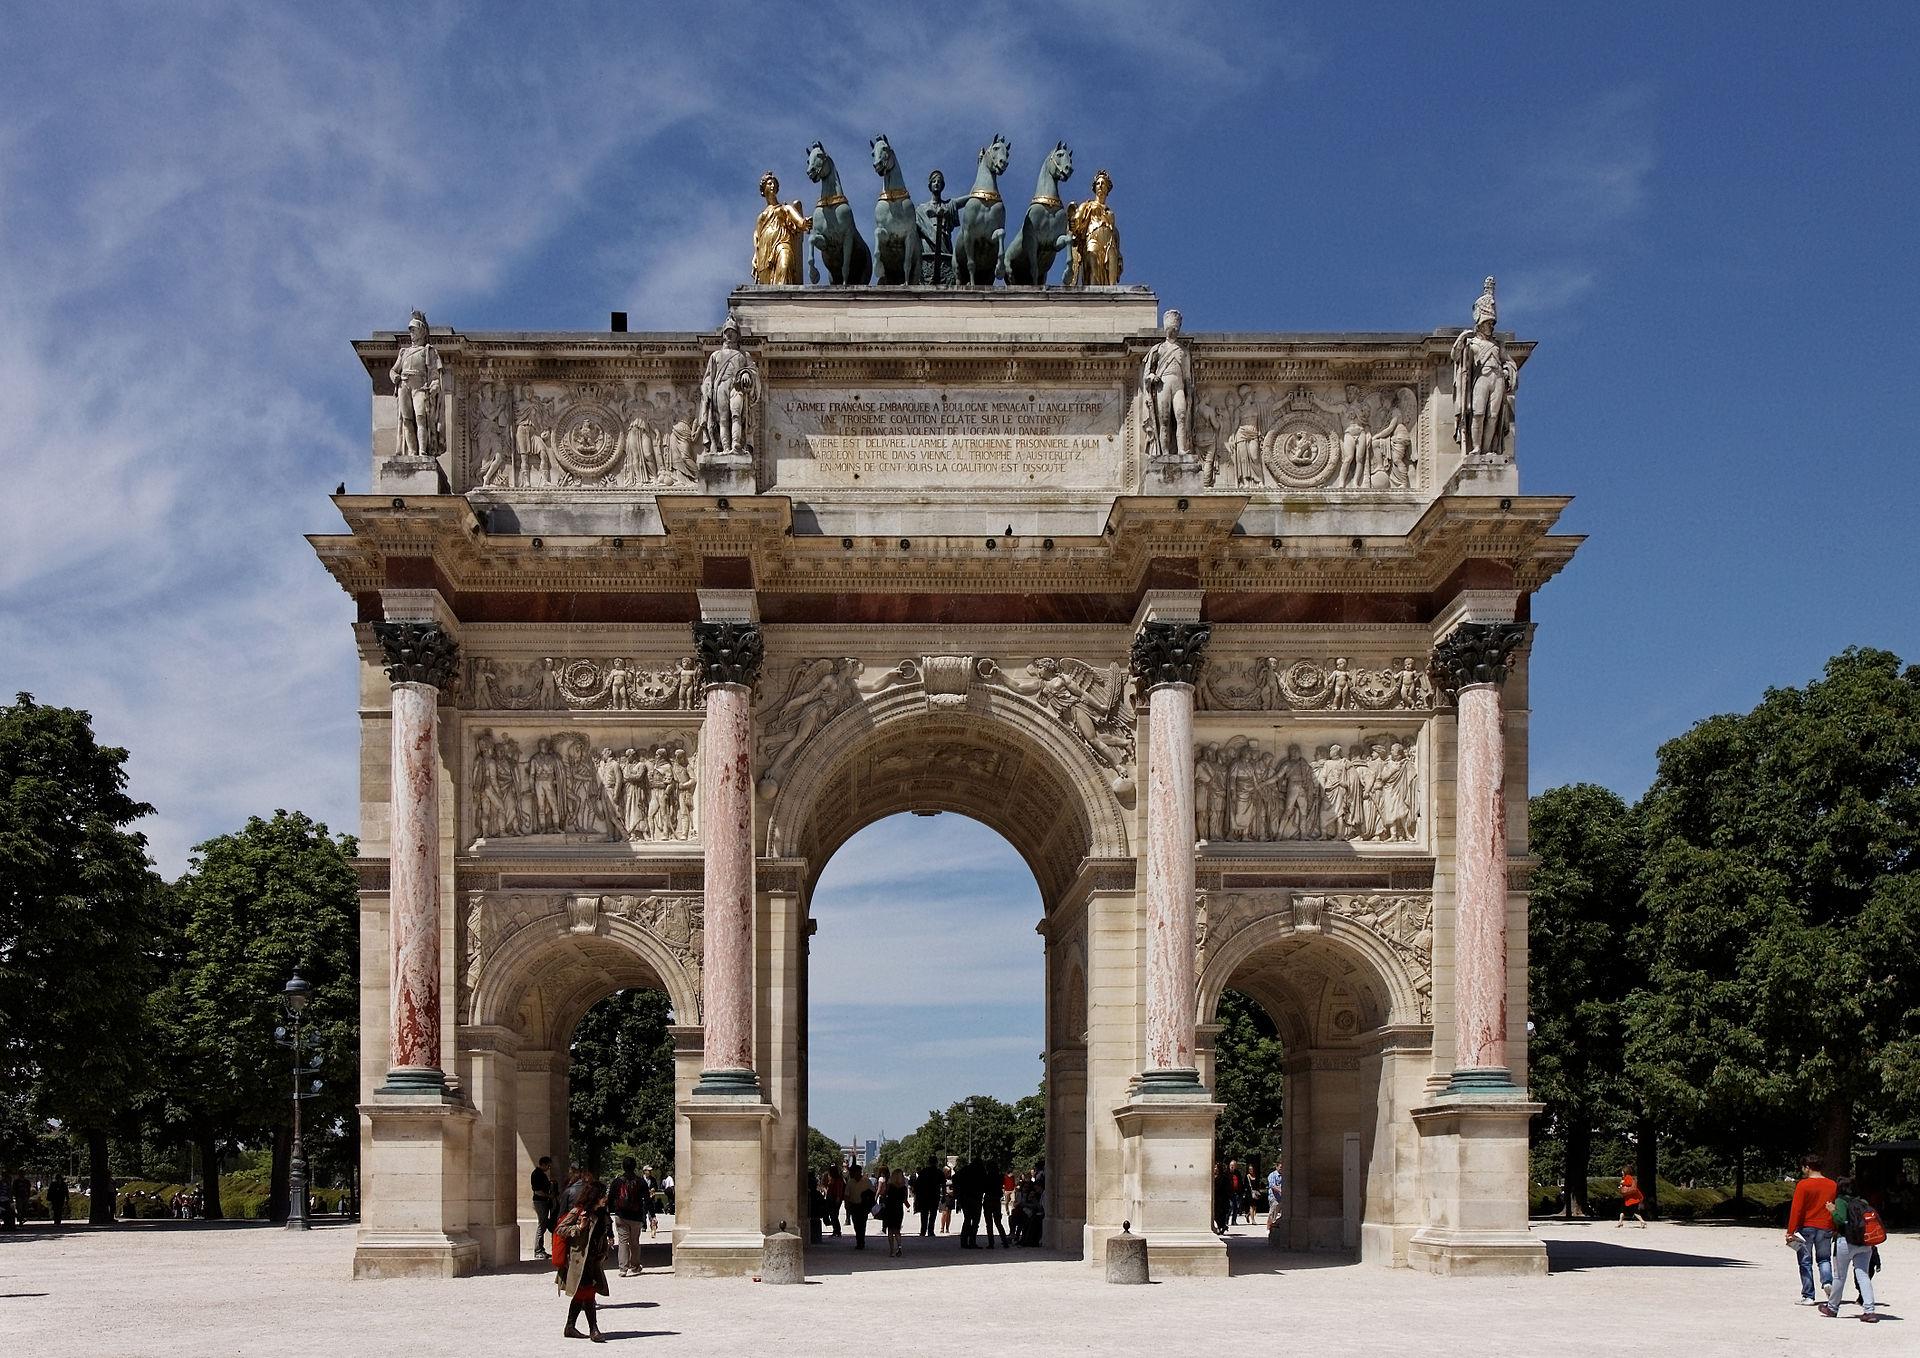 Paris_-_Jardin_des_Tuileries_-_Arc_de_Triomphe_du_Carrousel_-_PA00085992_-_003